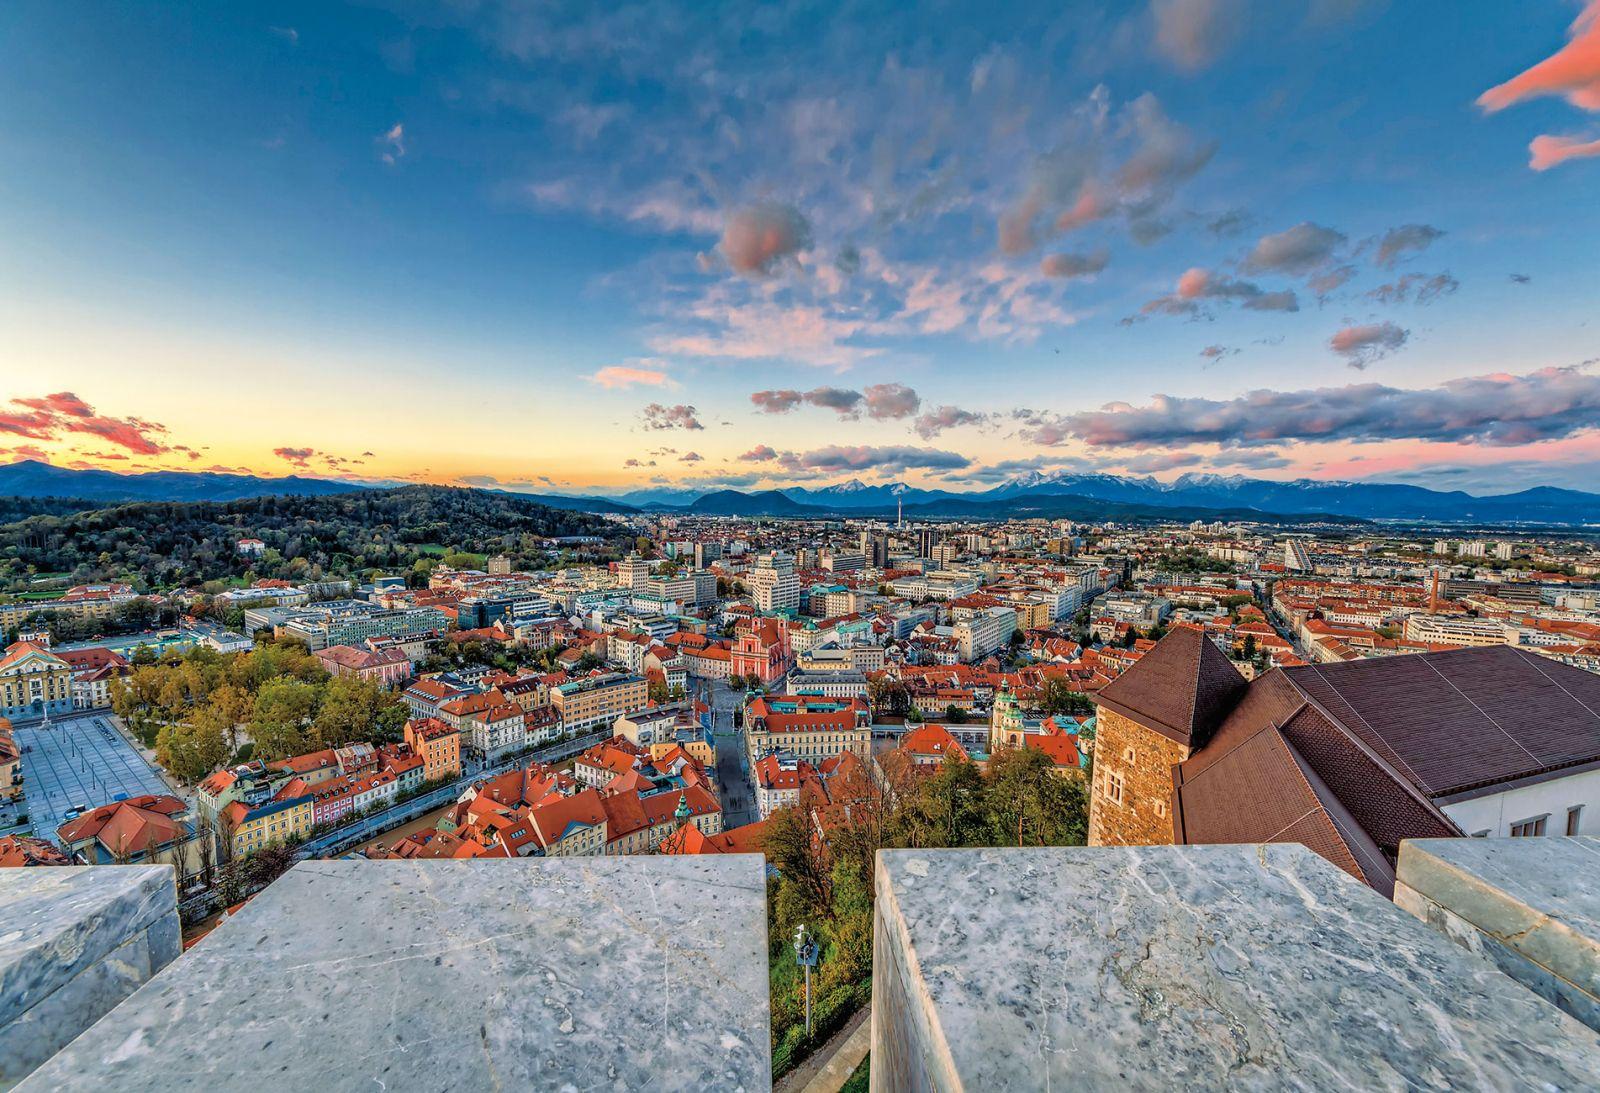 阿爾卑斯山下的綠寶石   斯洛維尼亞   Slovenia